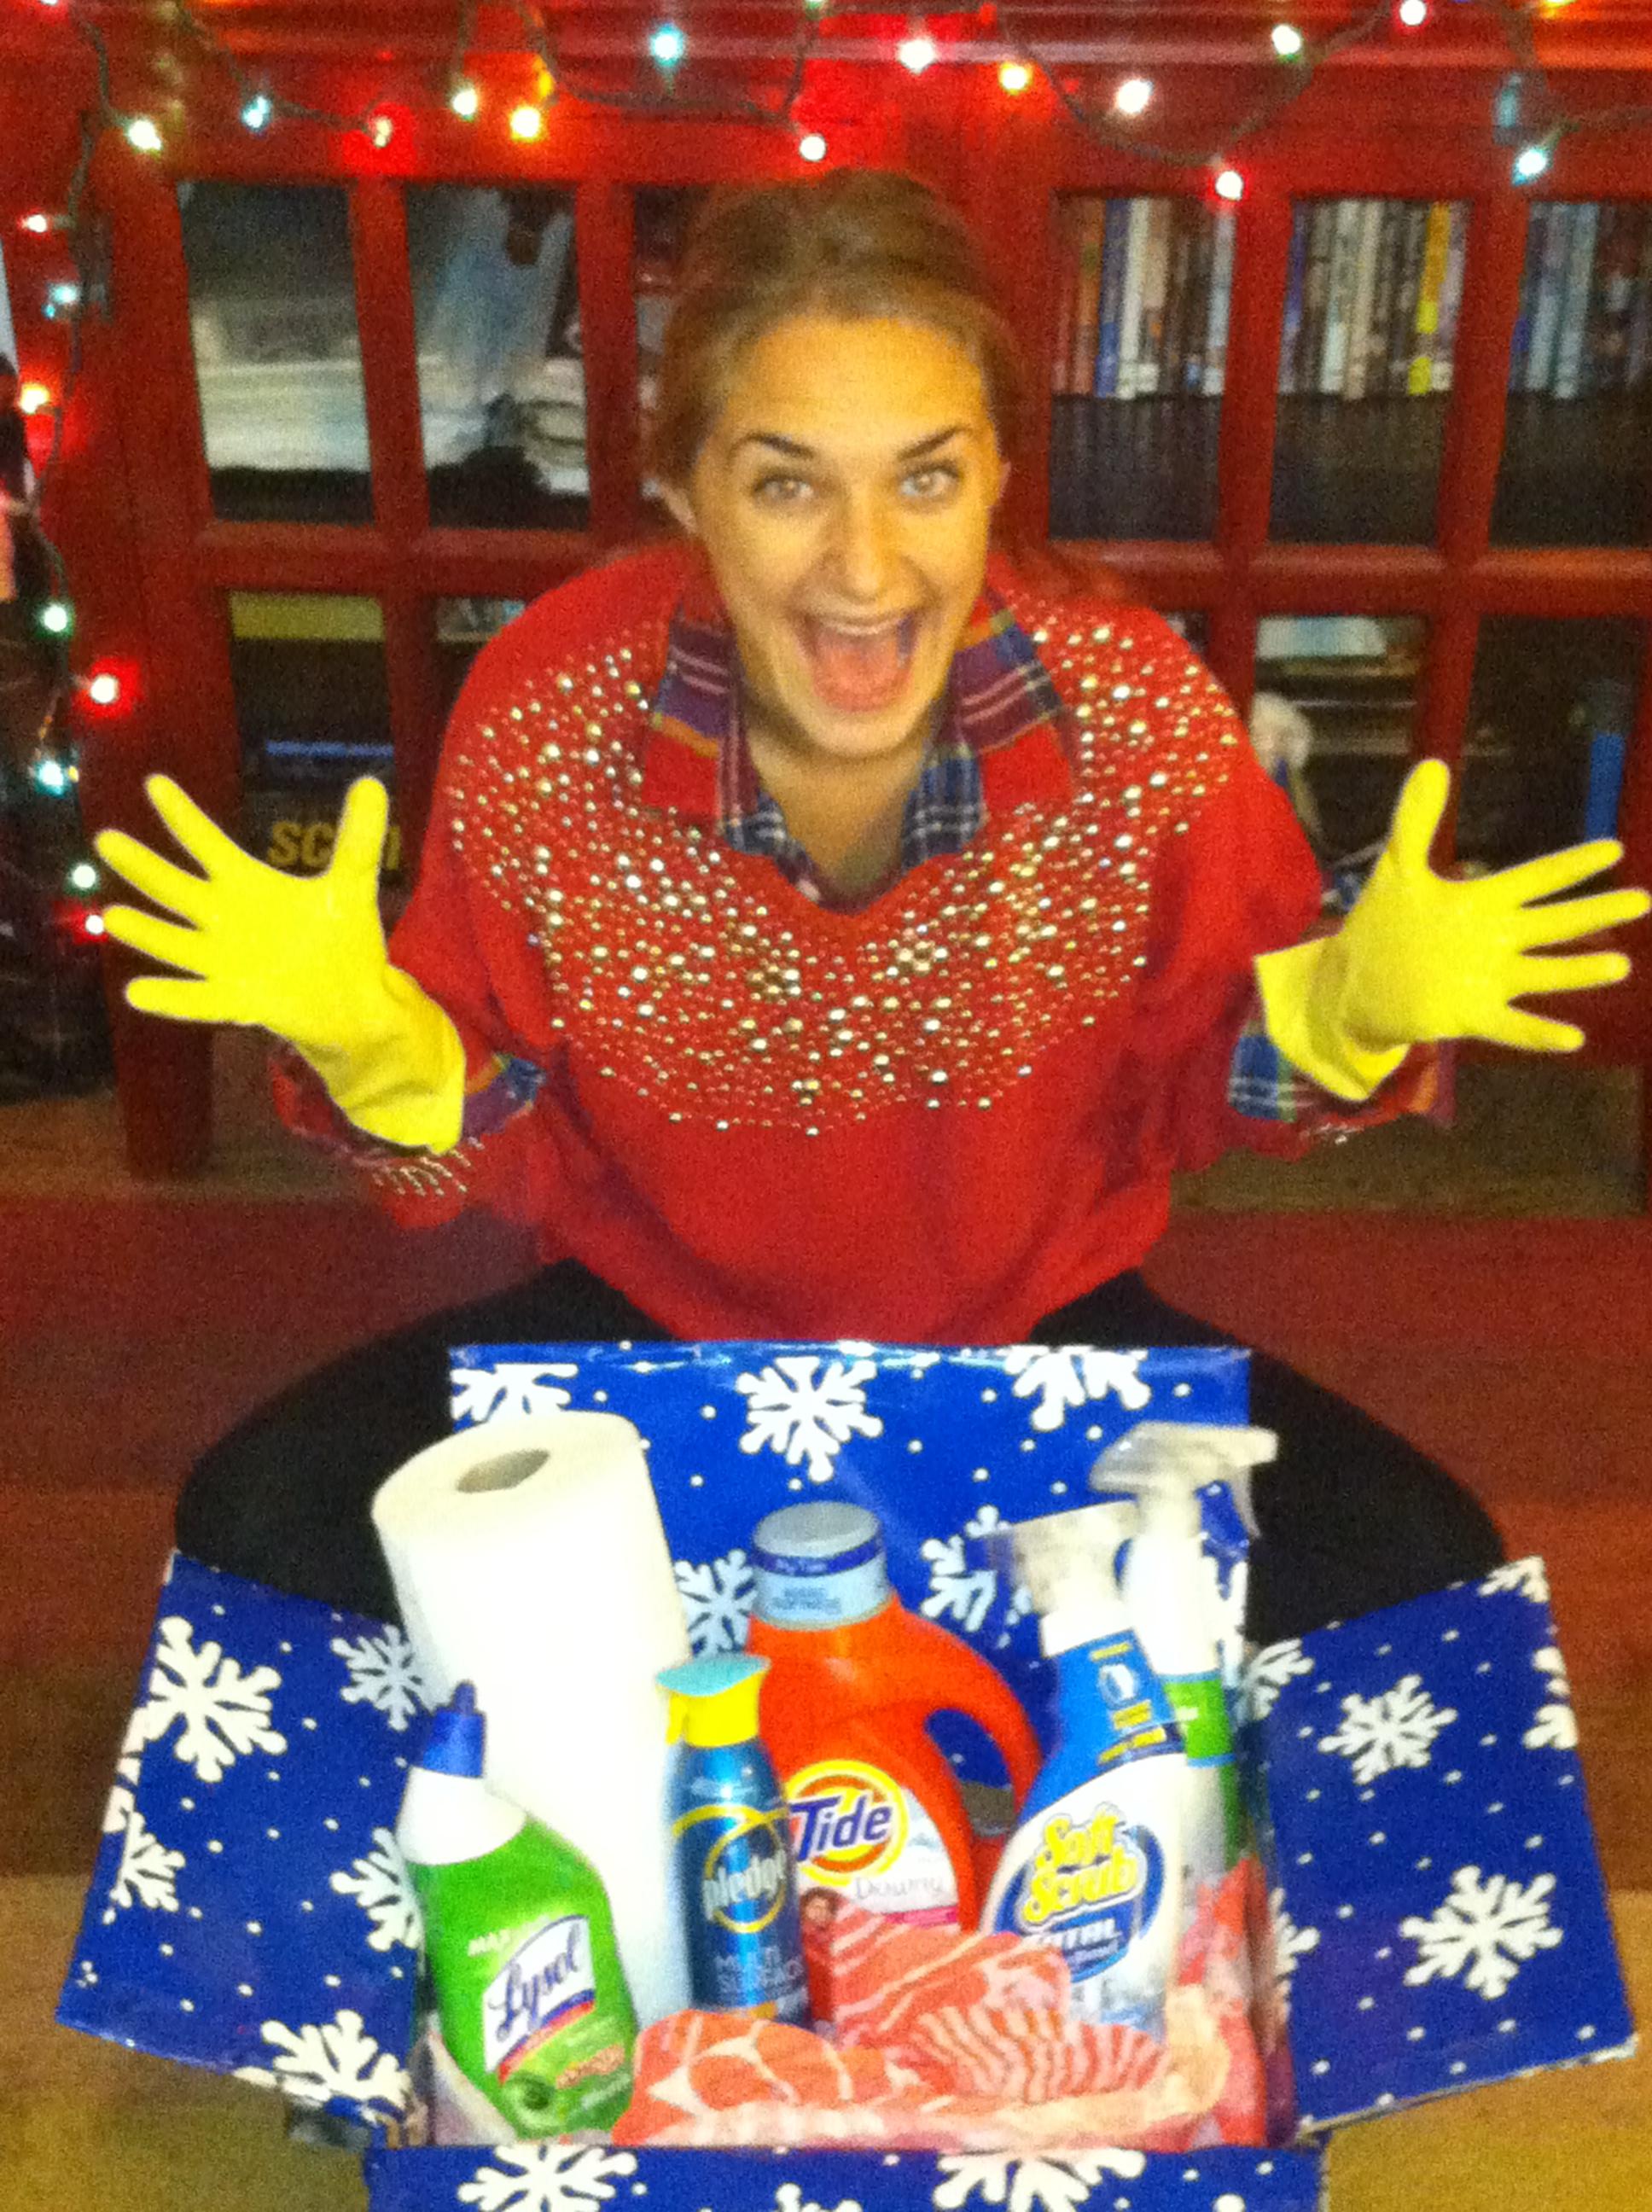 Happy Holidays from Tidy Tova!